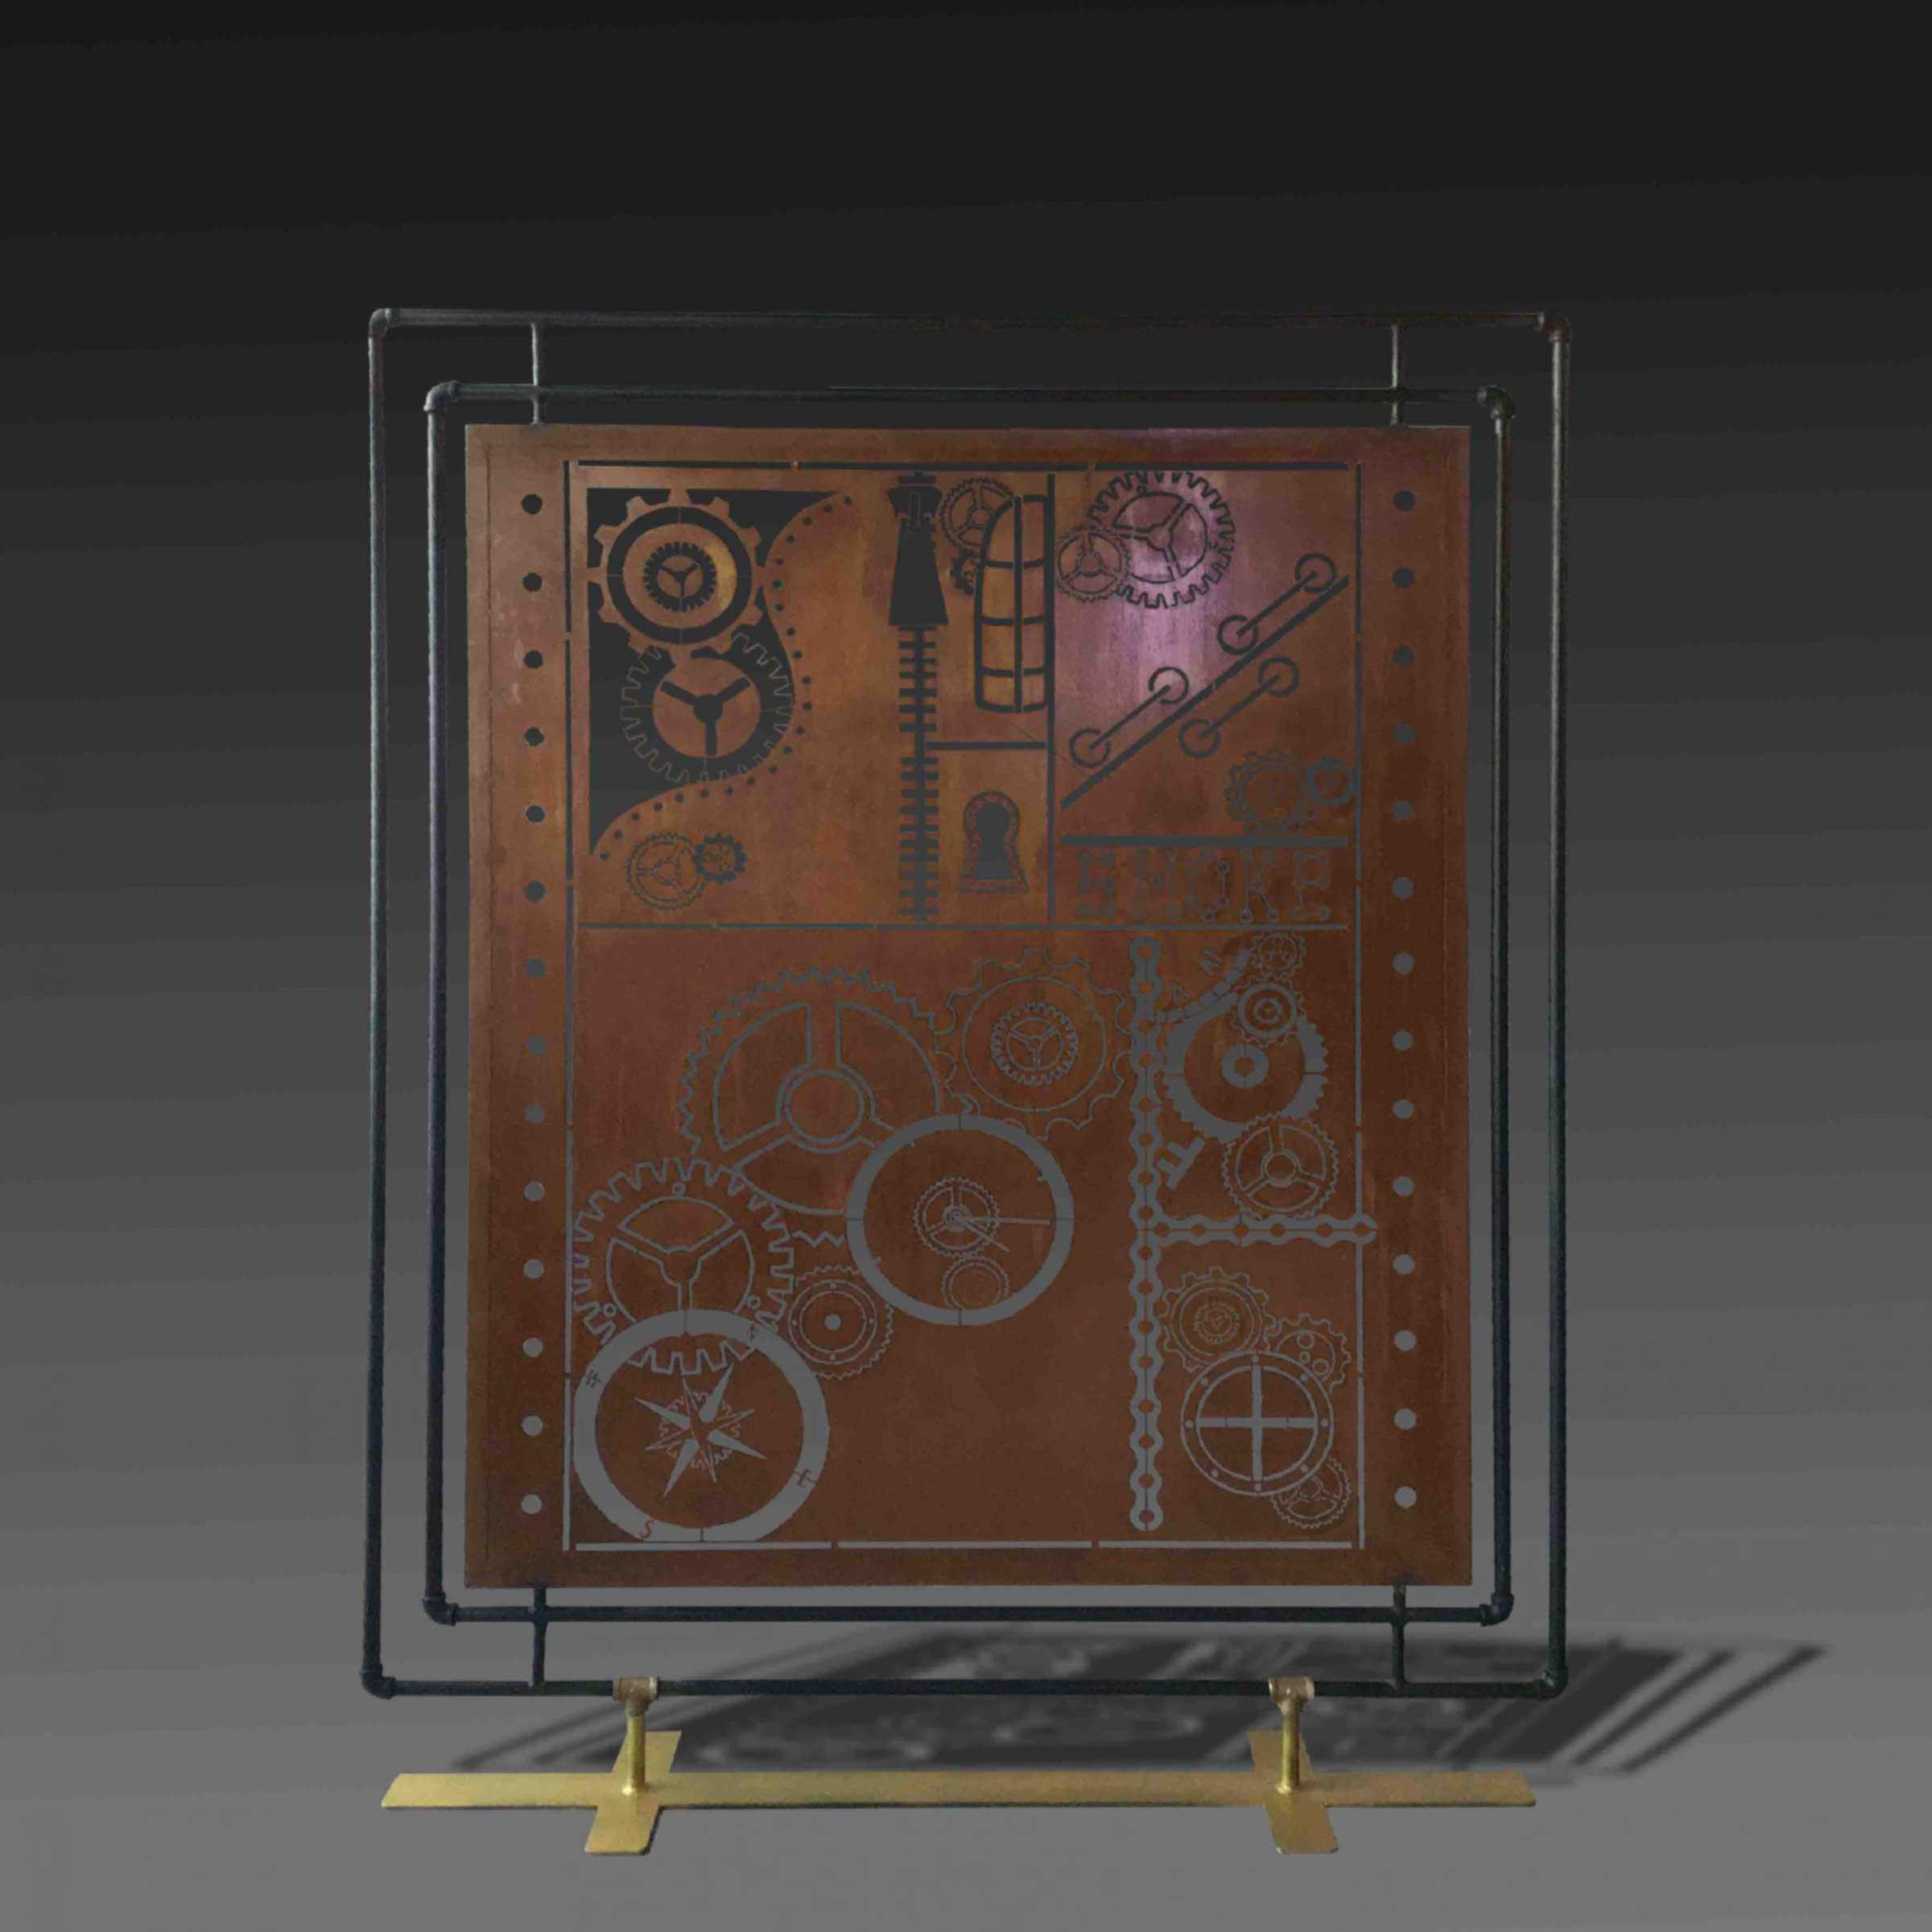 Smoke steampunk metal divider with metal base